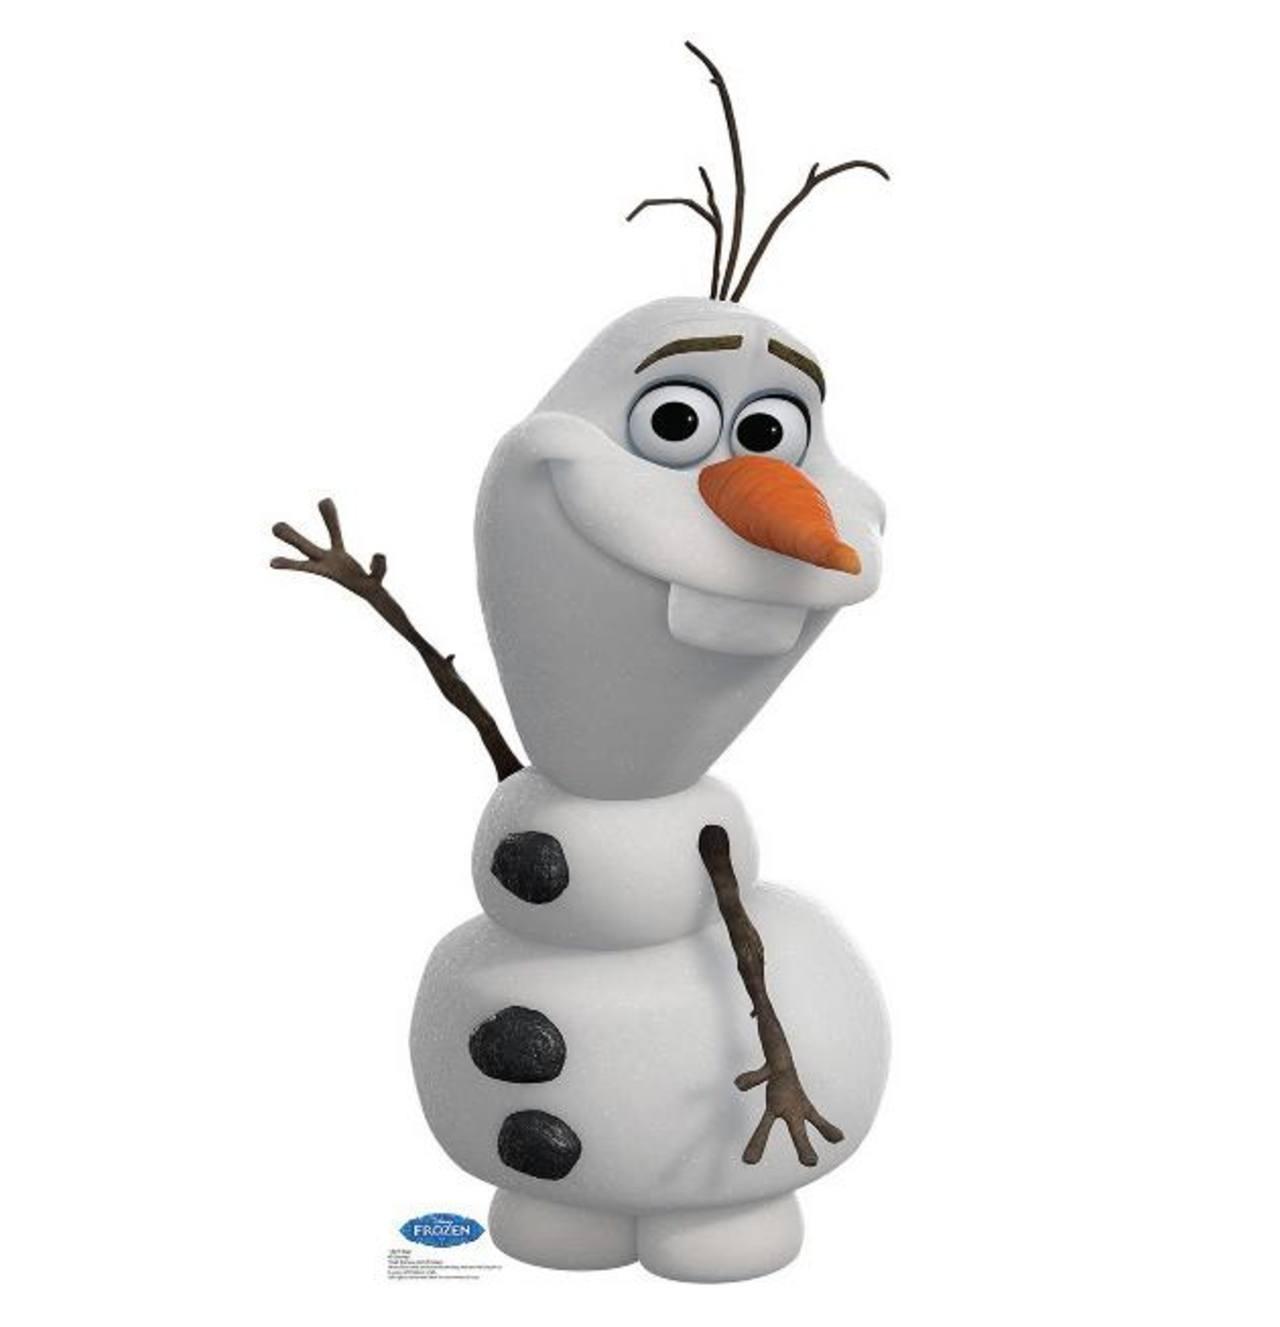 OLAF ama los abrazos cálidos